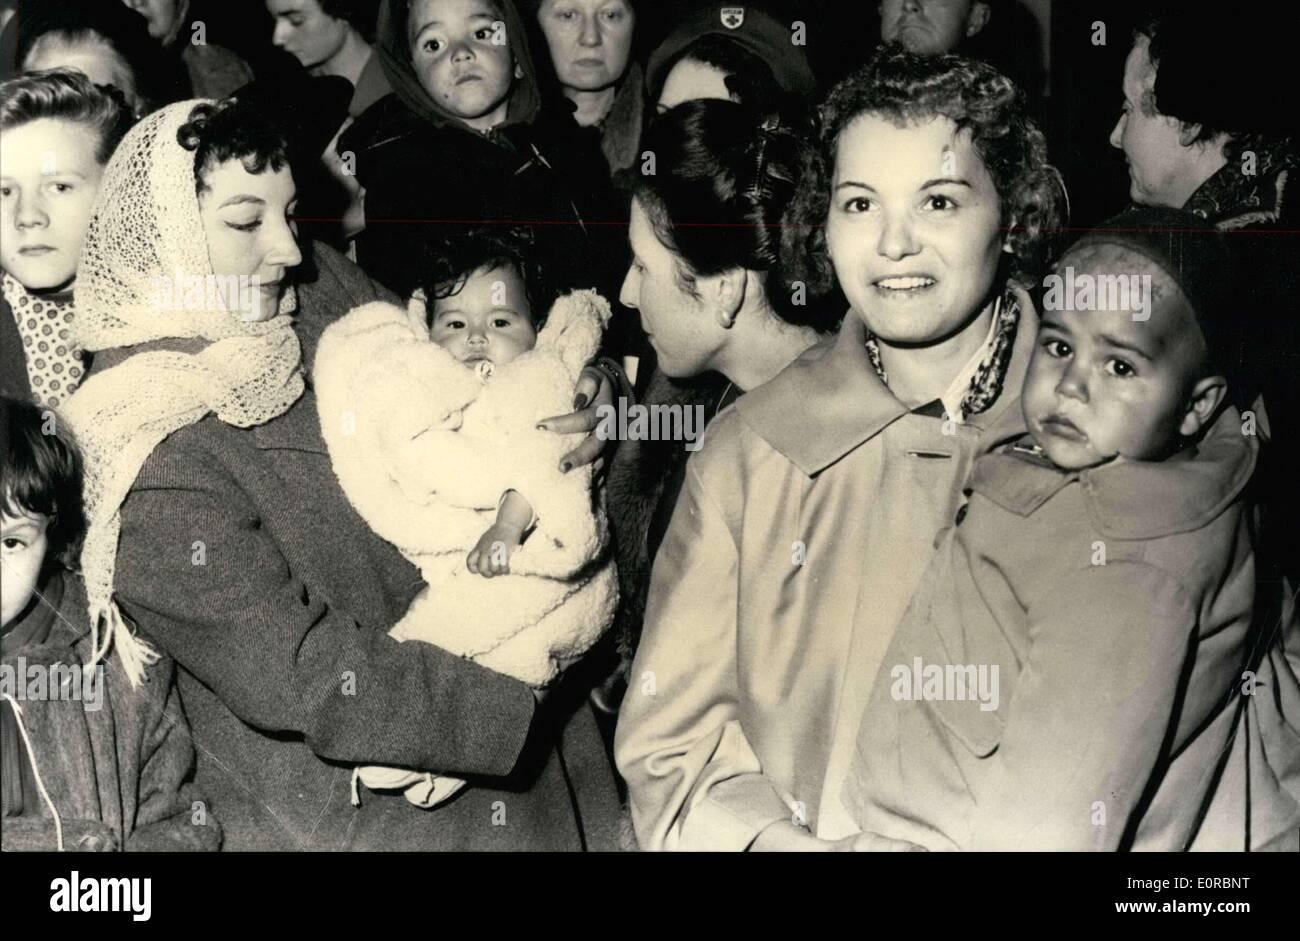 25 dicembre 1958 - NATALE IN FRANCIA PER venti cinque orfani algerino: un groupe di 22 MUSSULMAN E 3 EUROPEEN ORFANI DA ORANO Immagini Stock